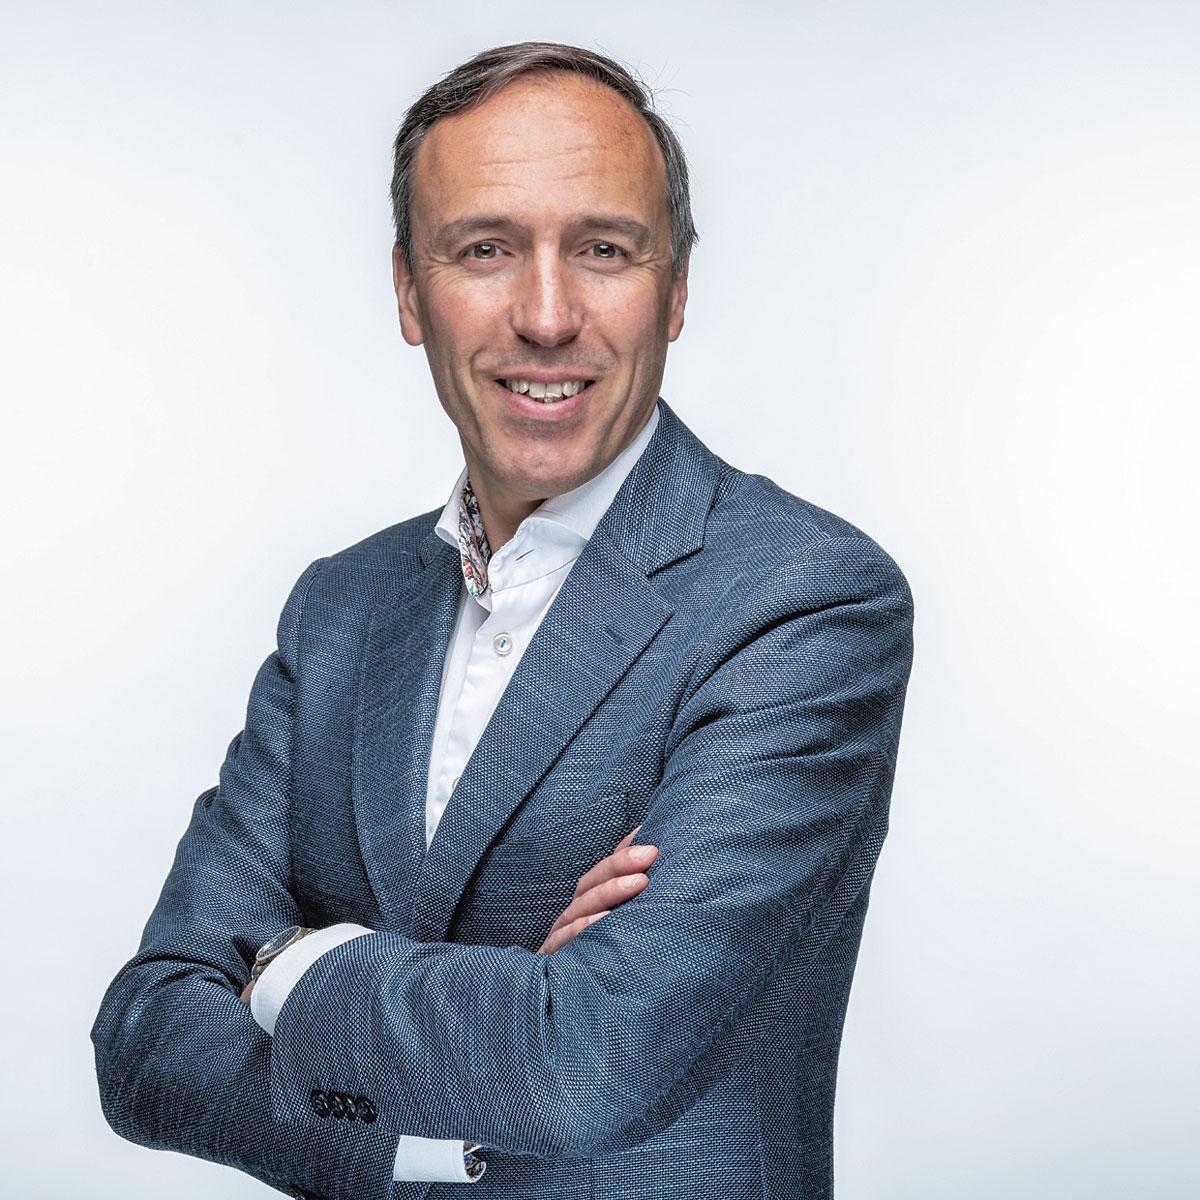 """Joost Uwens, CEO de WDP: """"La demande d'espace de stockage va augmenter en raison de l'importance croissante de la sécurisation des approvisionnements."""", rvb"""